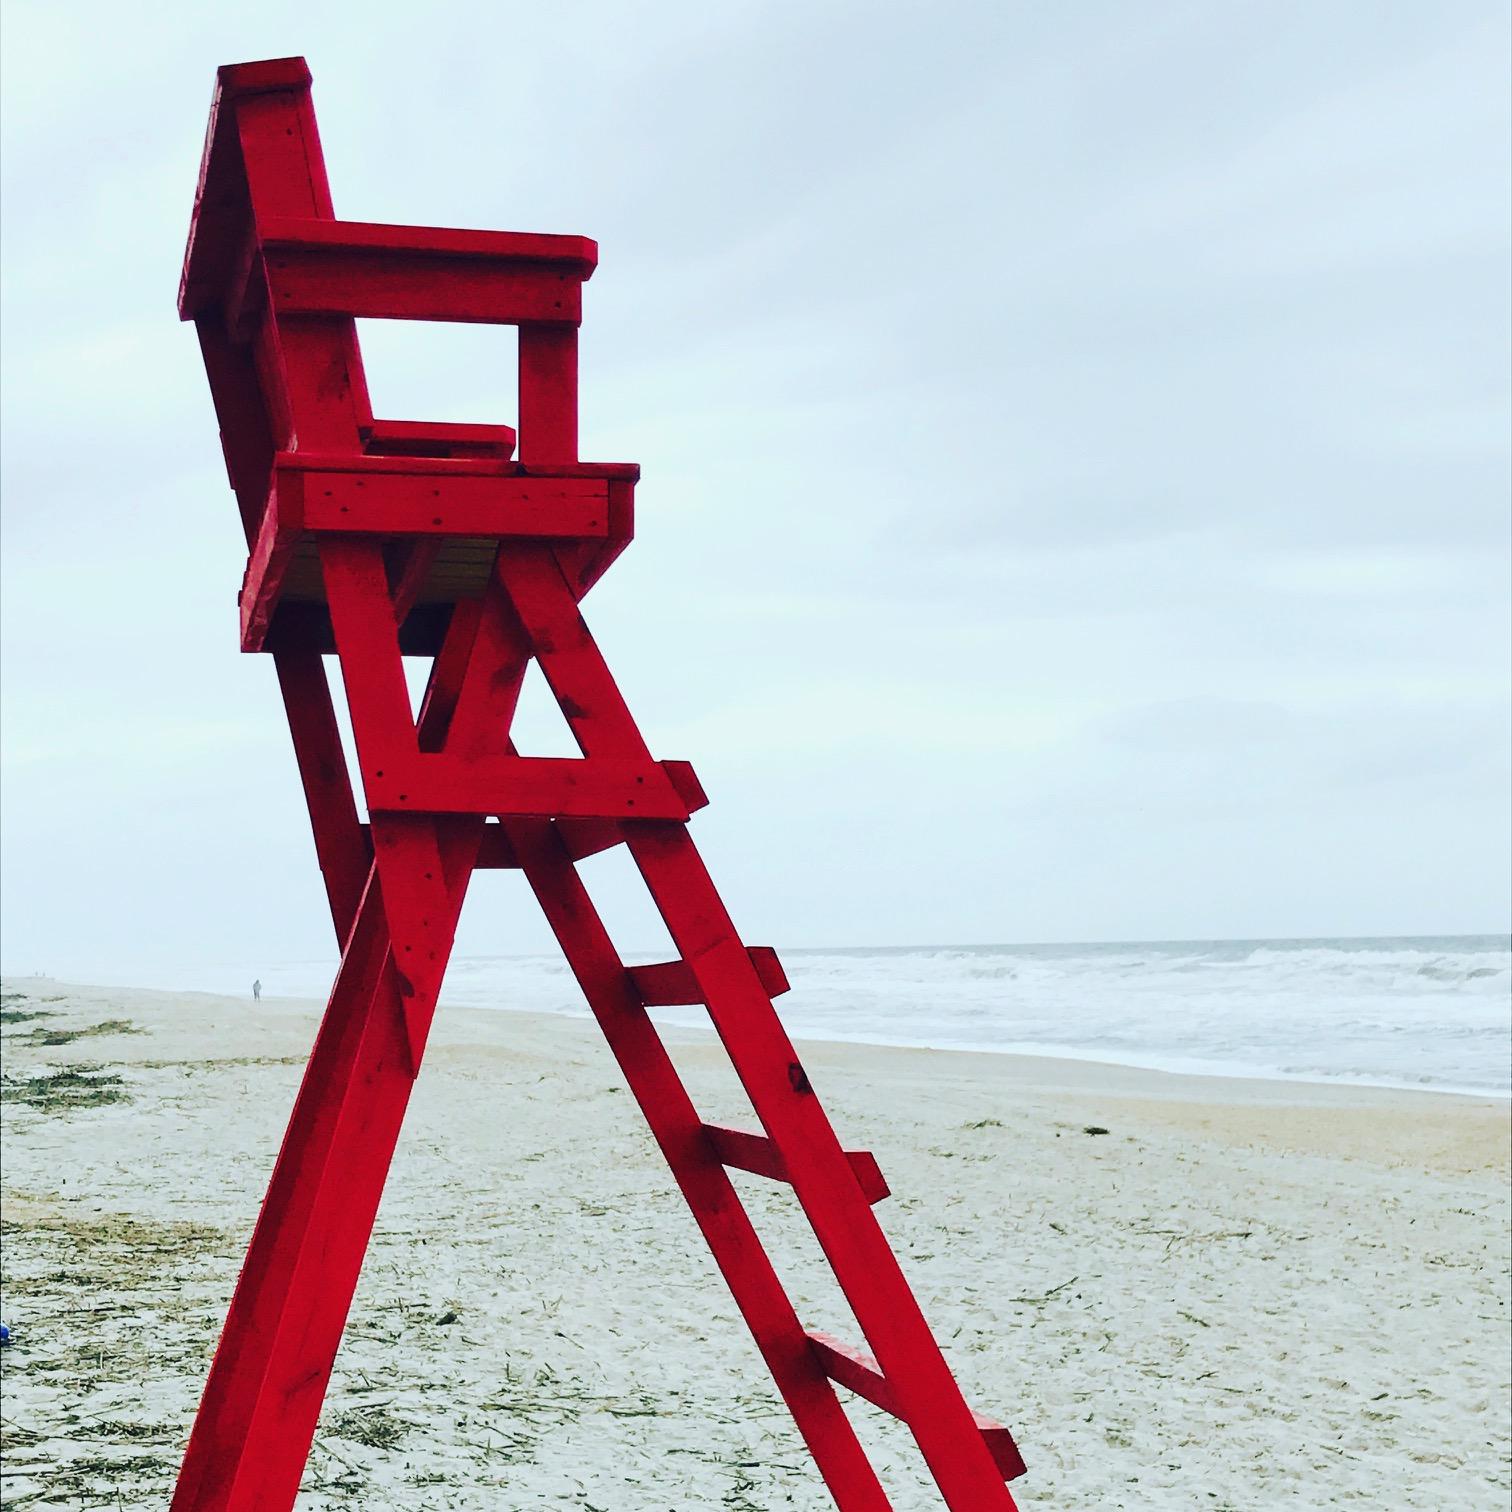 Lifeguard Chair, Ponte Verde Beach, FL